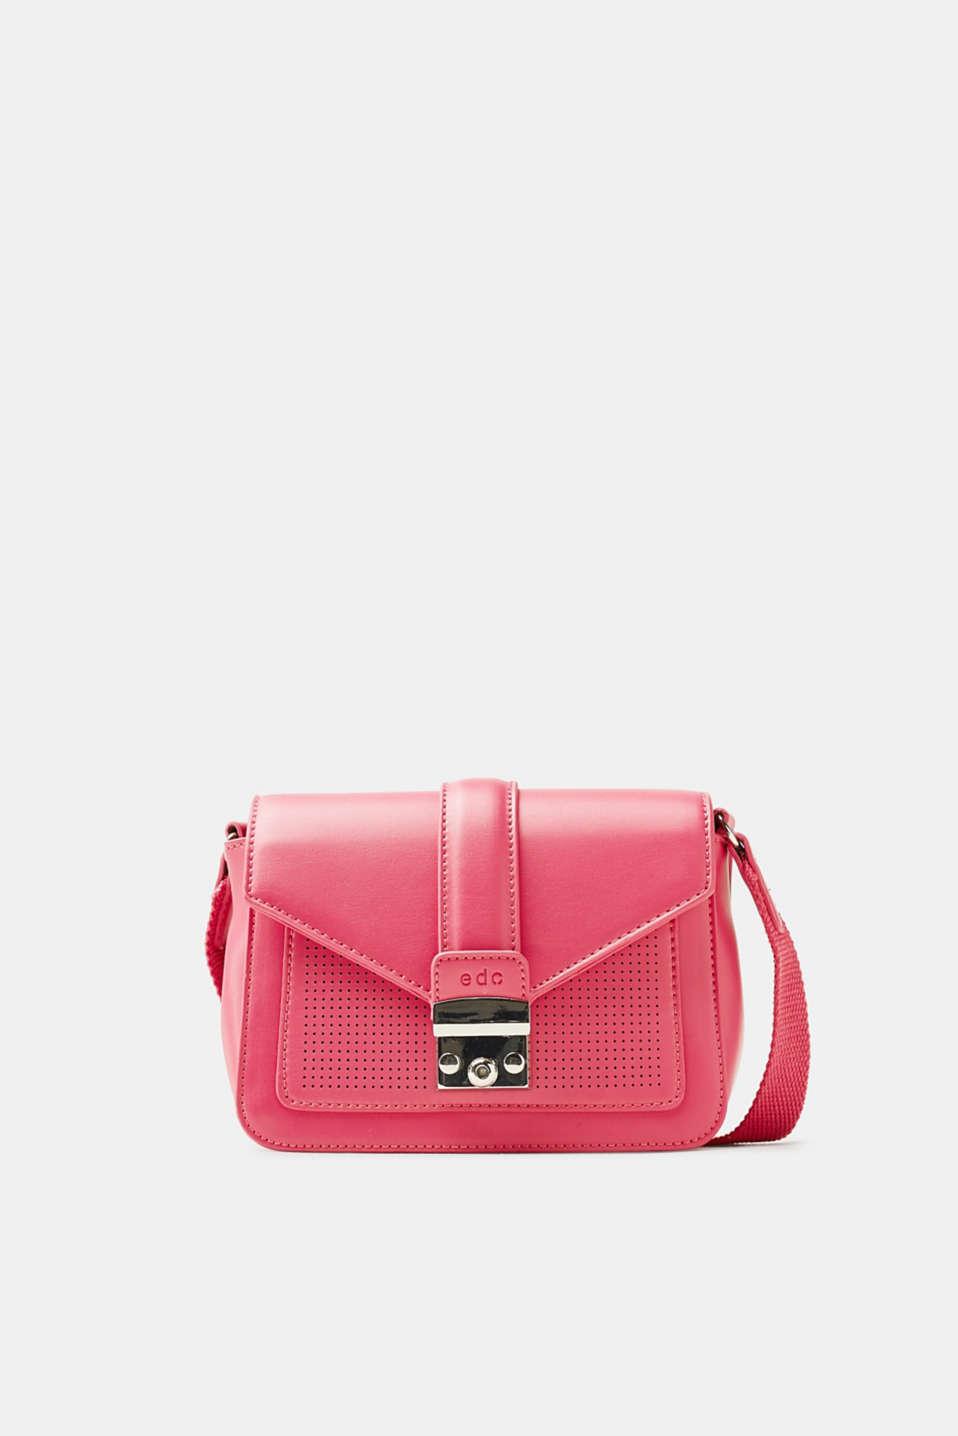 Pochette aus Ziegenleder für Damen Pink Fuchsia Esprit S8tshAMP